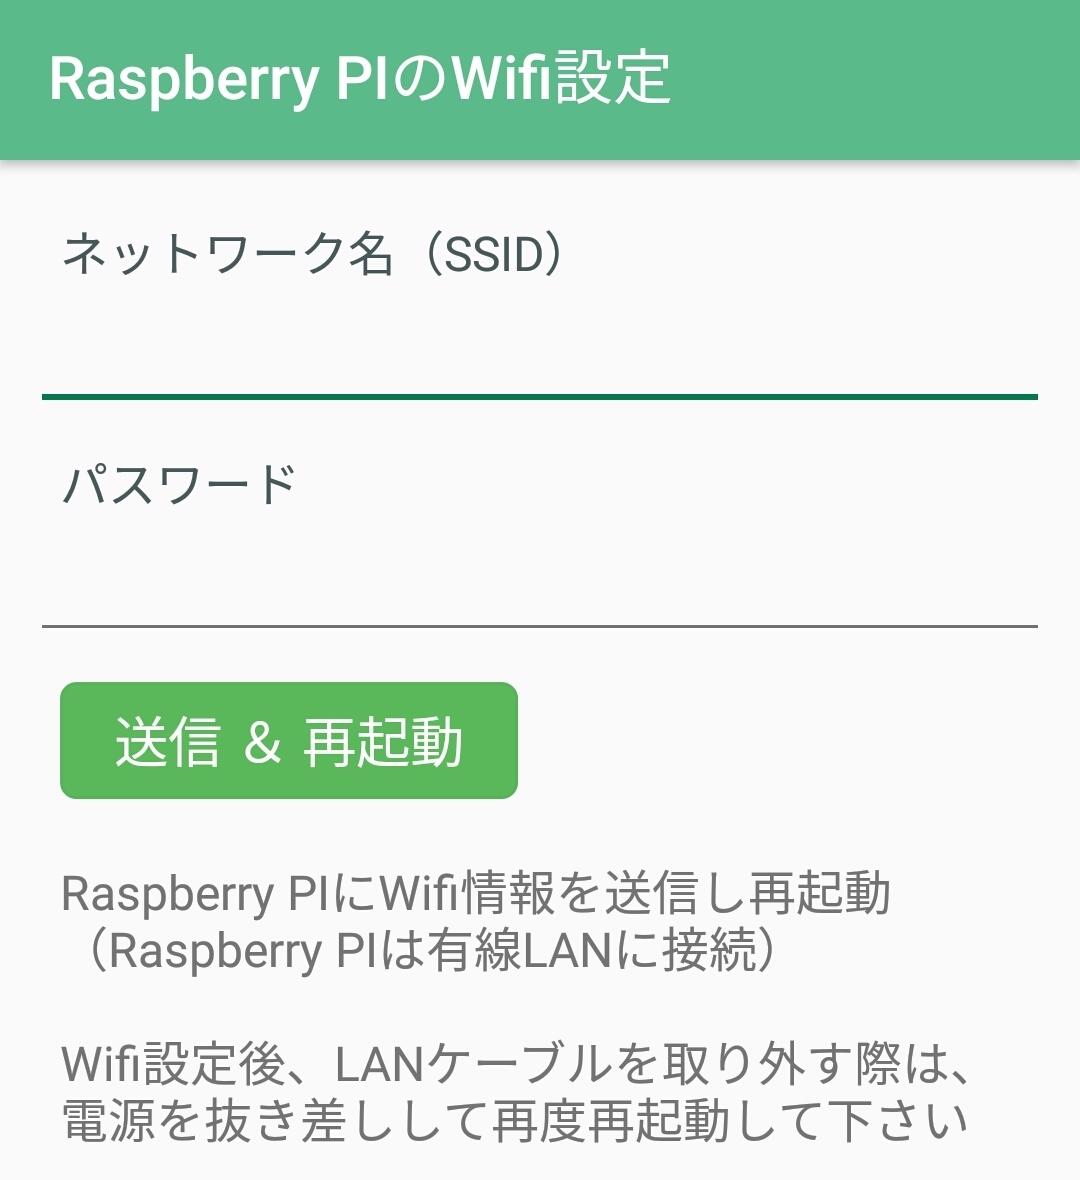 GHKit Wi-fi setup